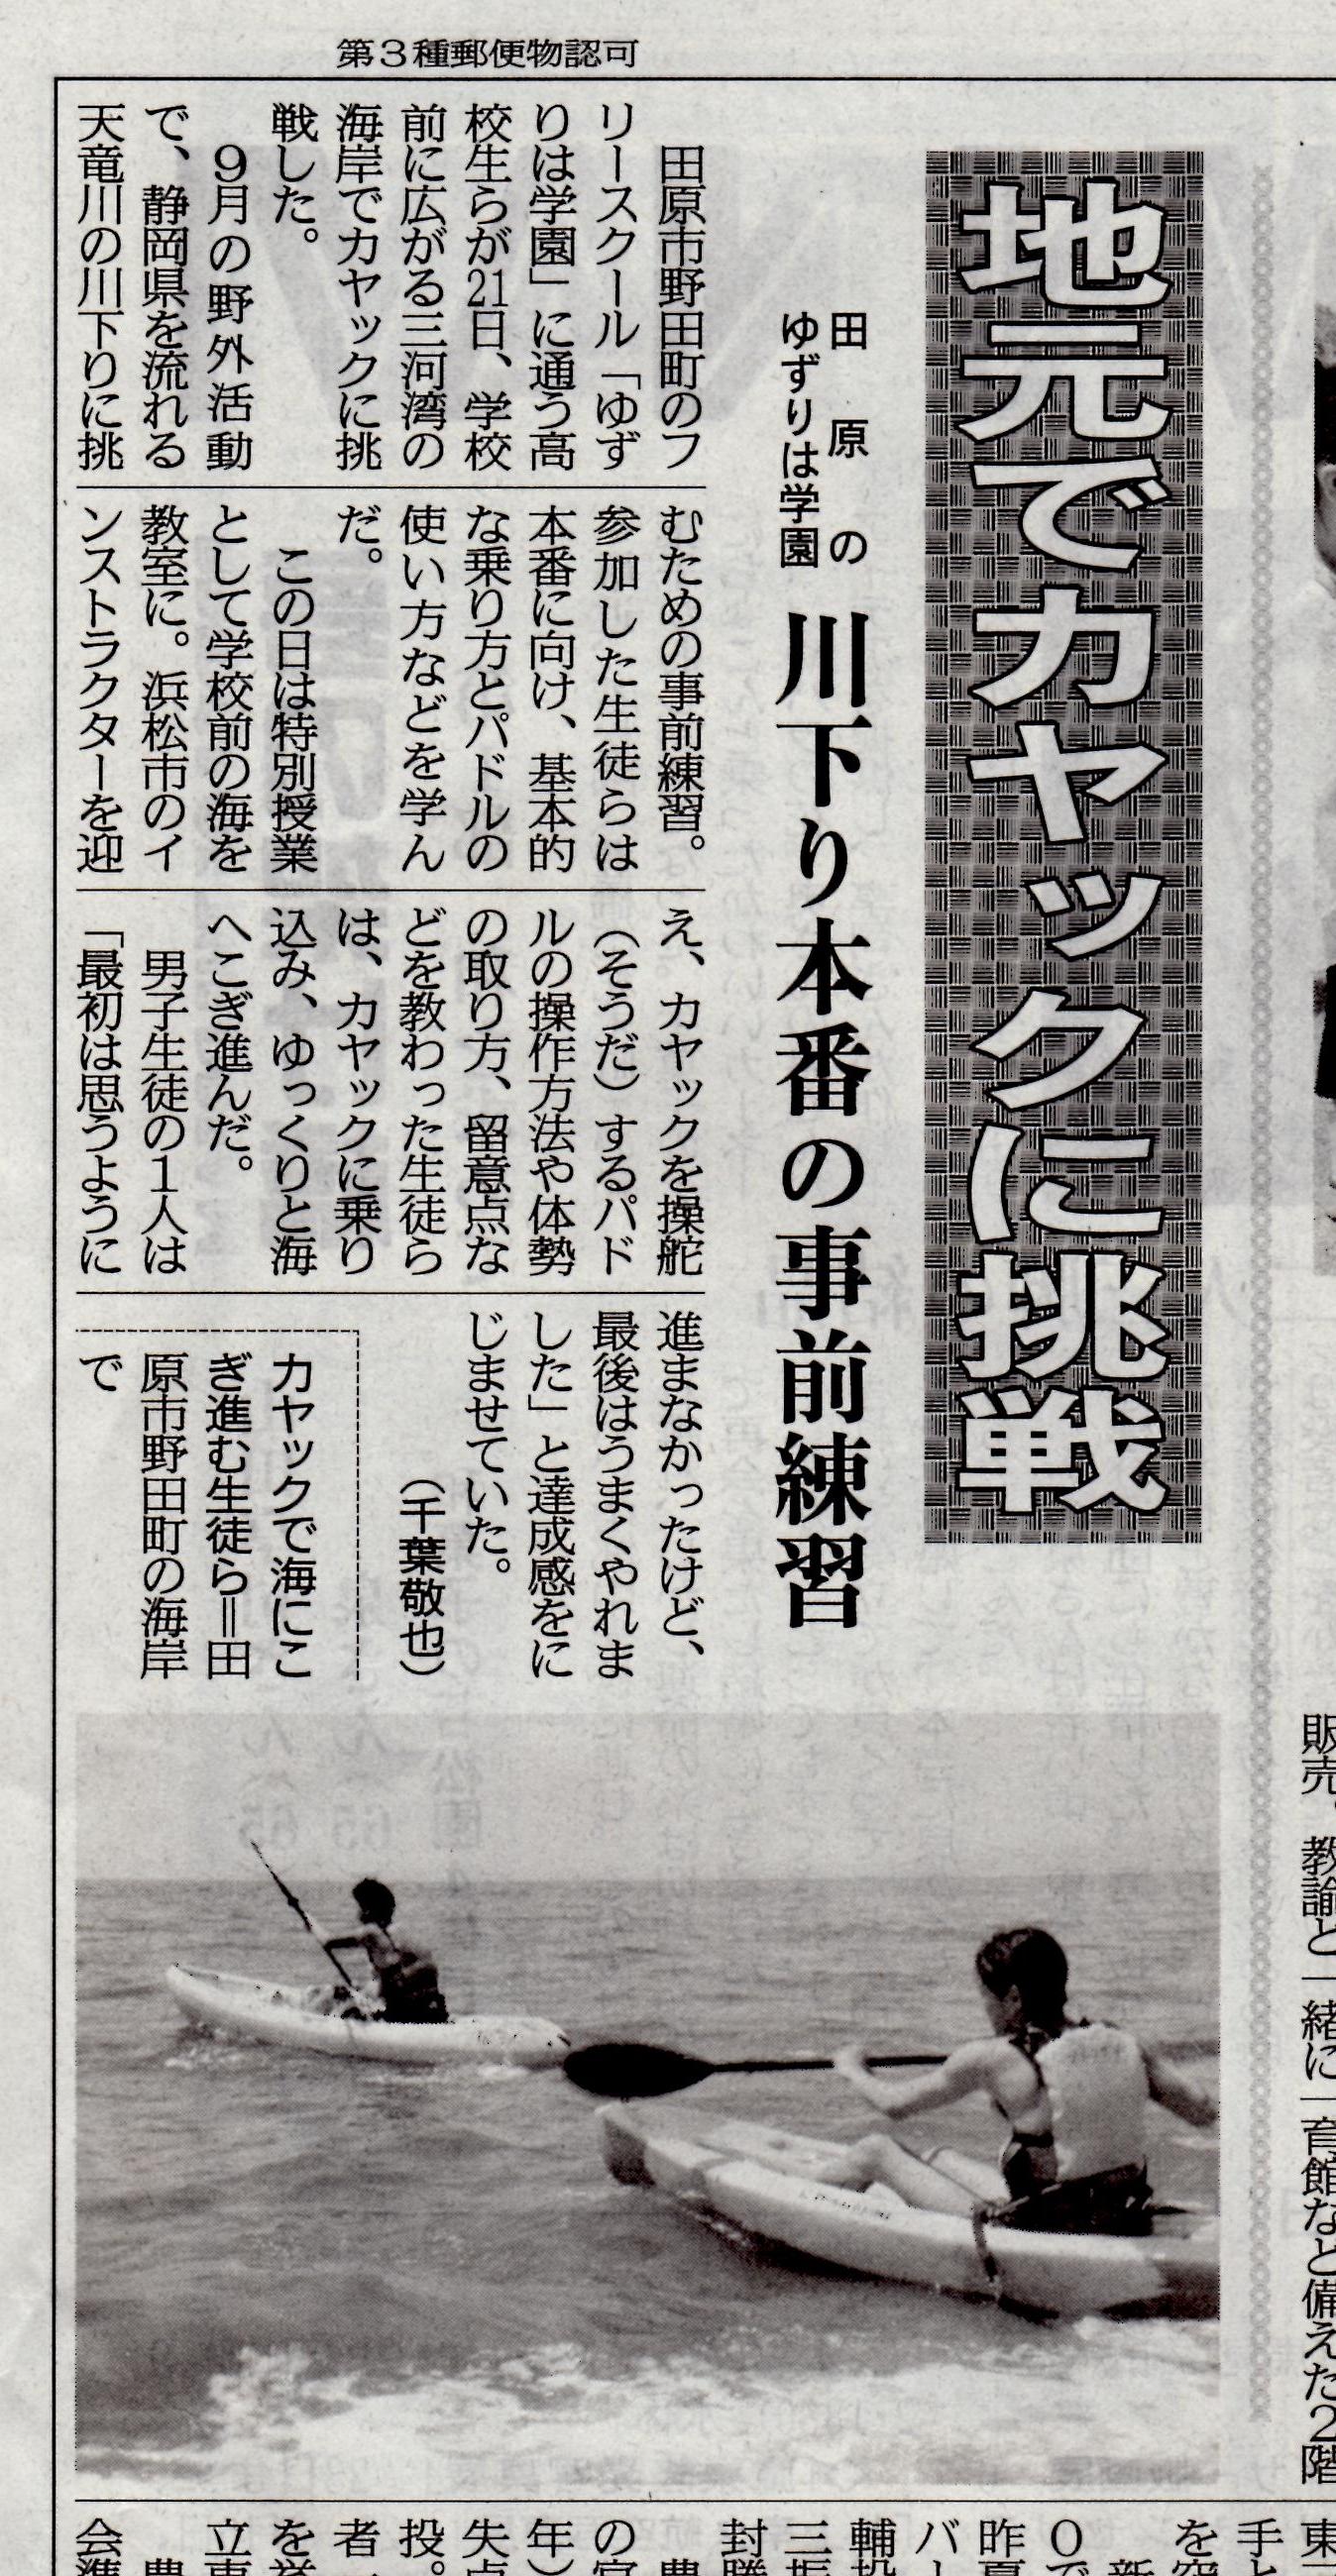 034_東愛知新聞掲載「地元でカヤックに挑戦」